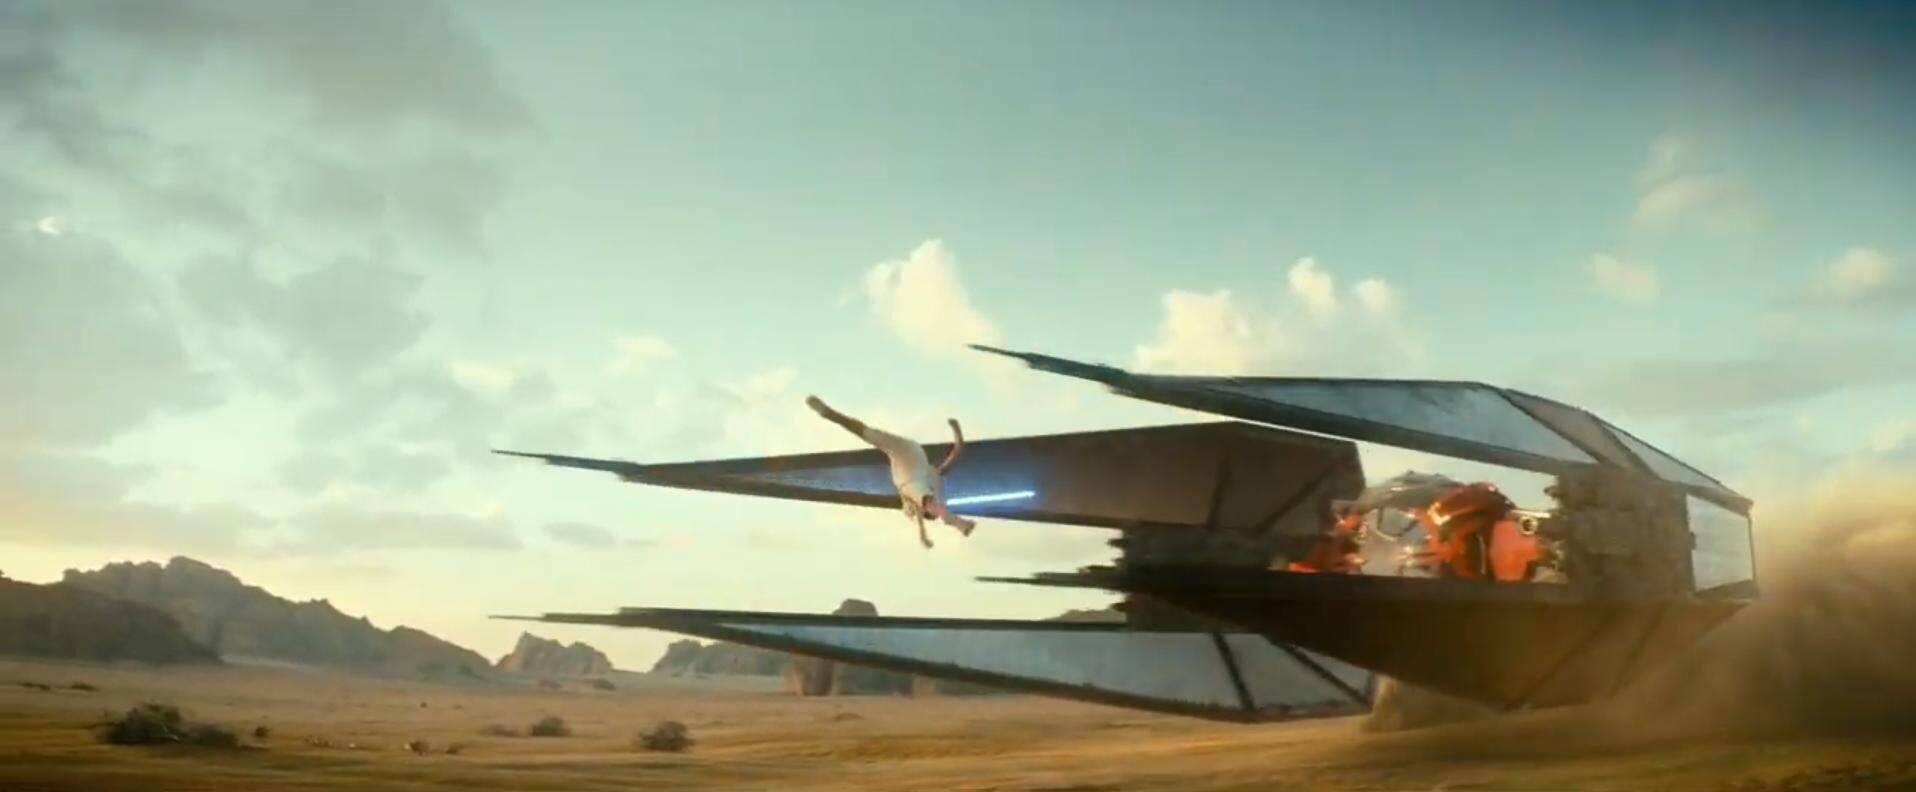 Lo que nos dejó el trailer del Episodio IX de Star Wars: Darth Sidious está de vuelta